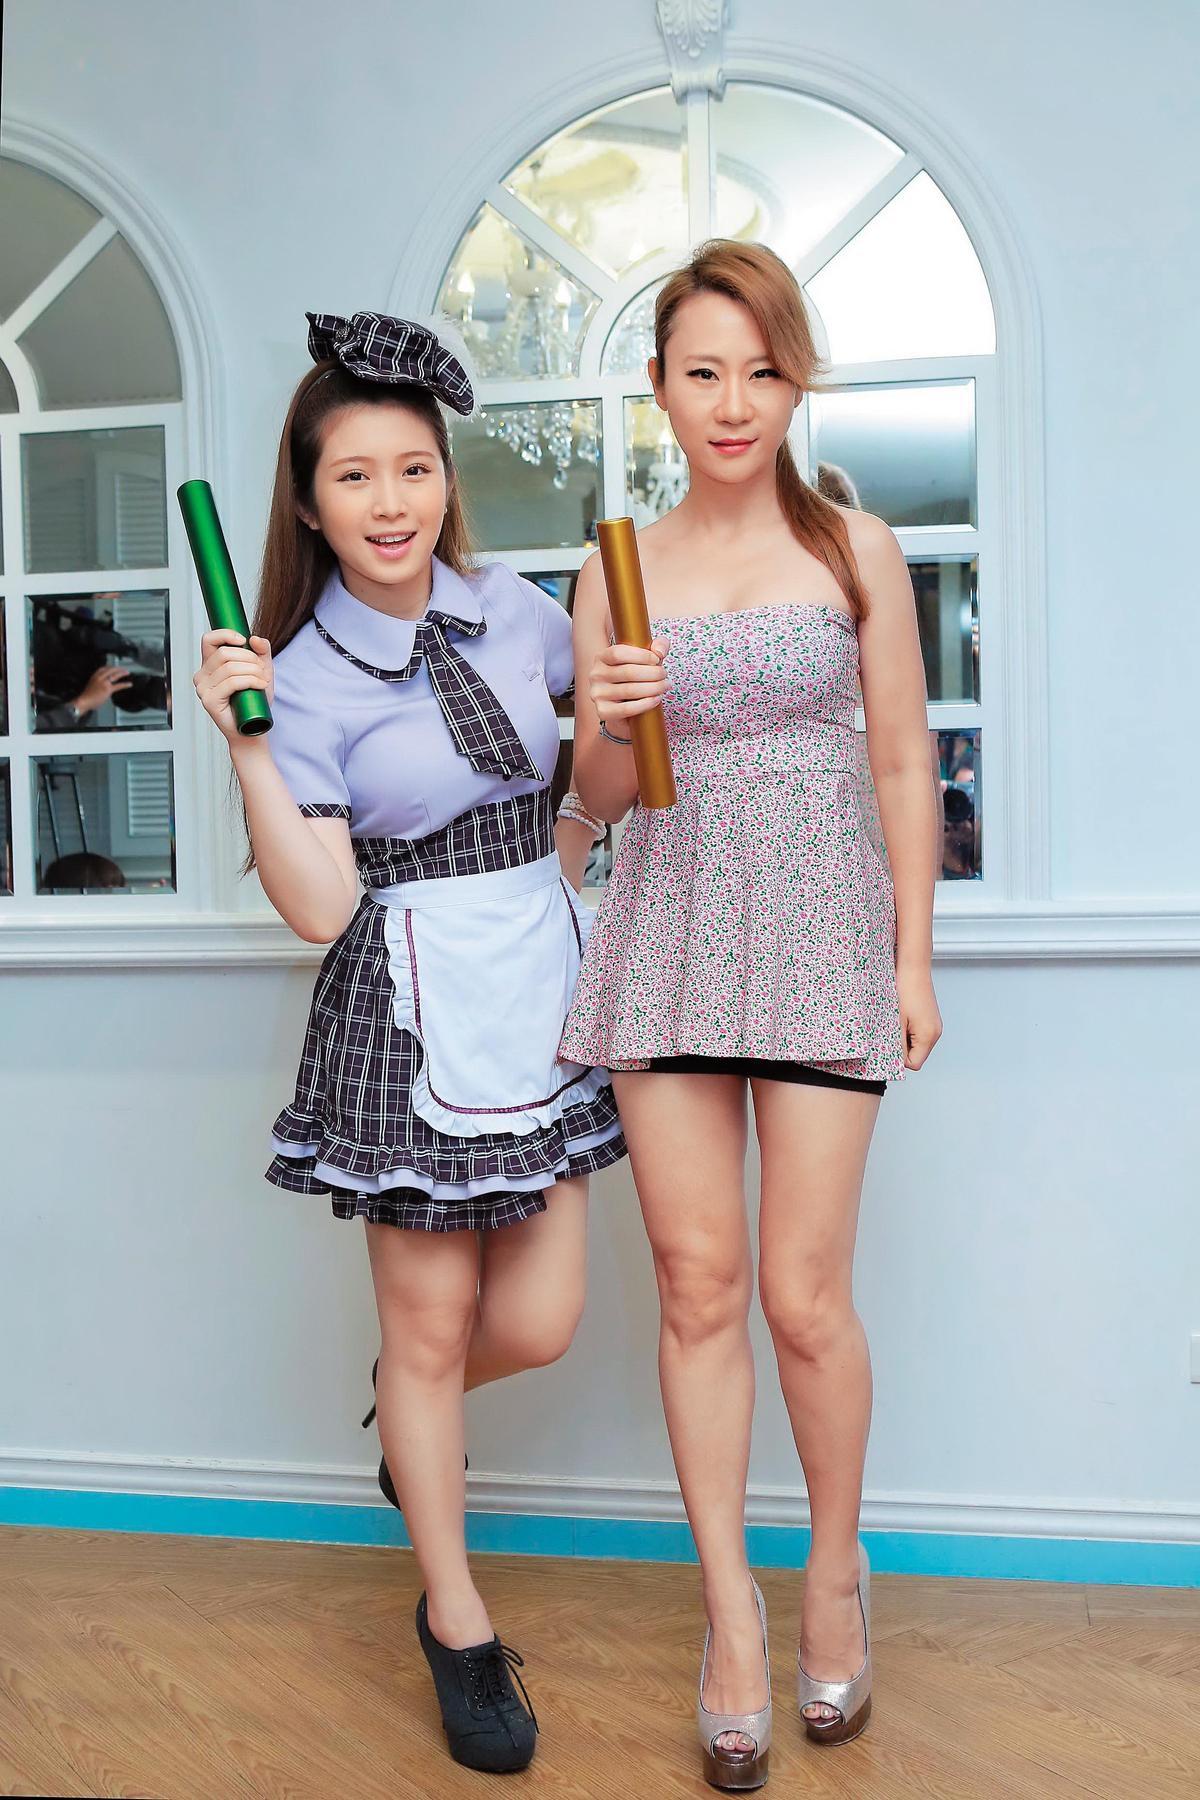 過去安晨妤(右)發片,跟雞排妹(左)密不可分,時常一起作夥跑宣傳活動。(東方IC)